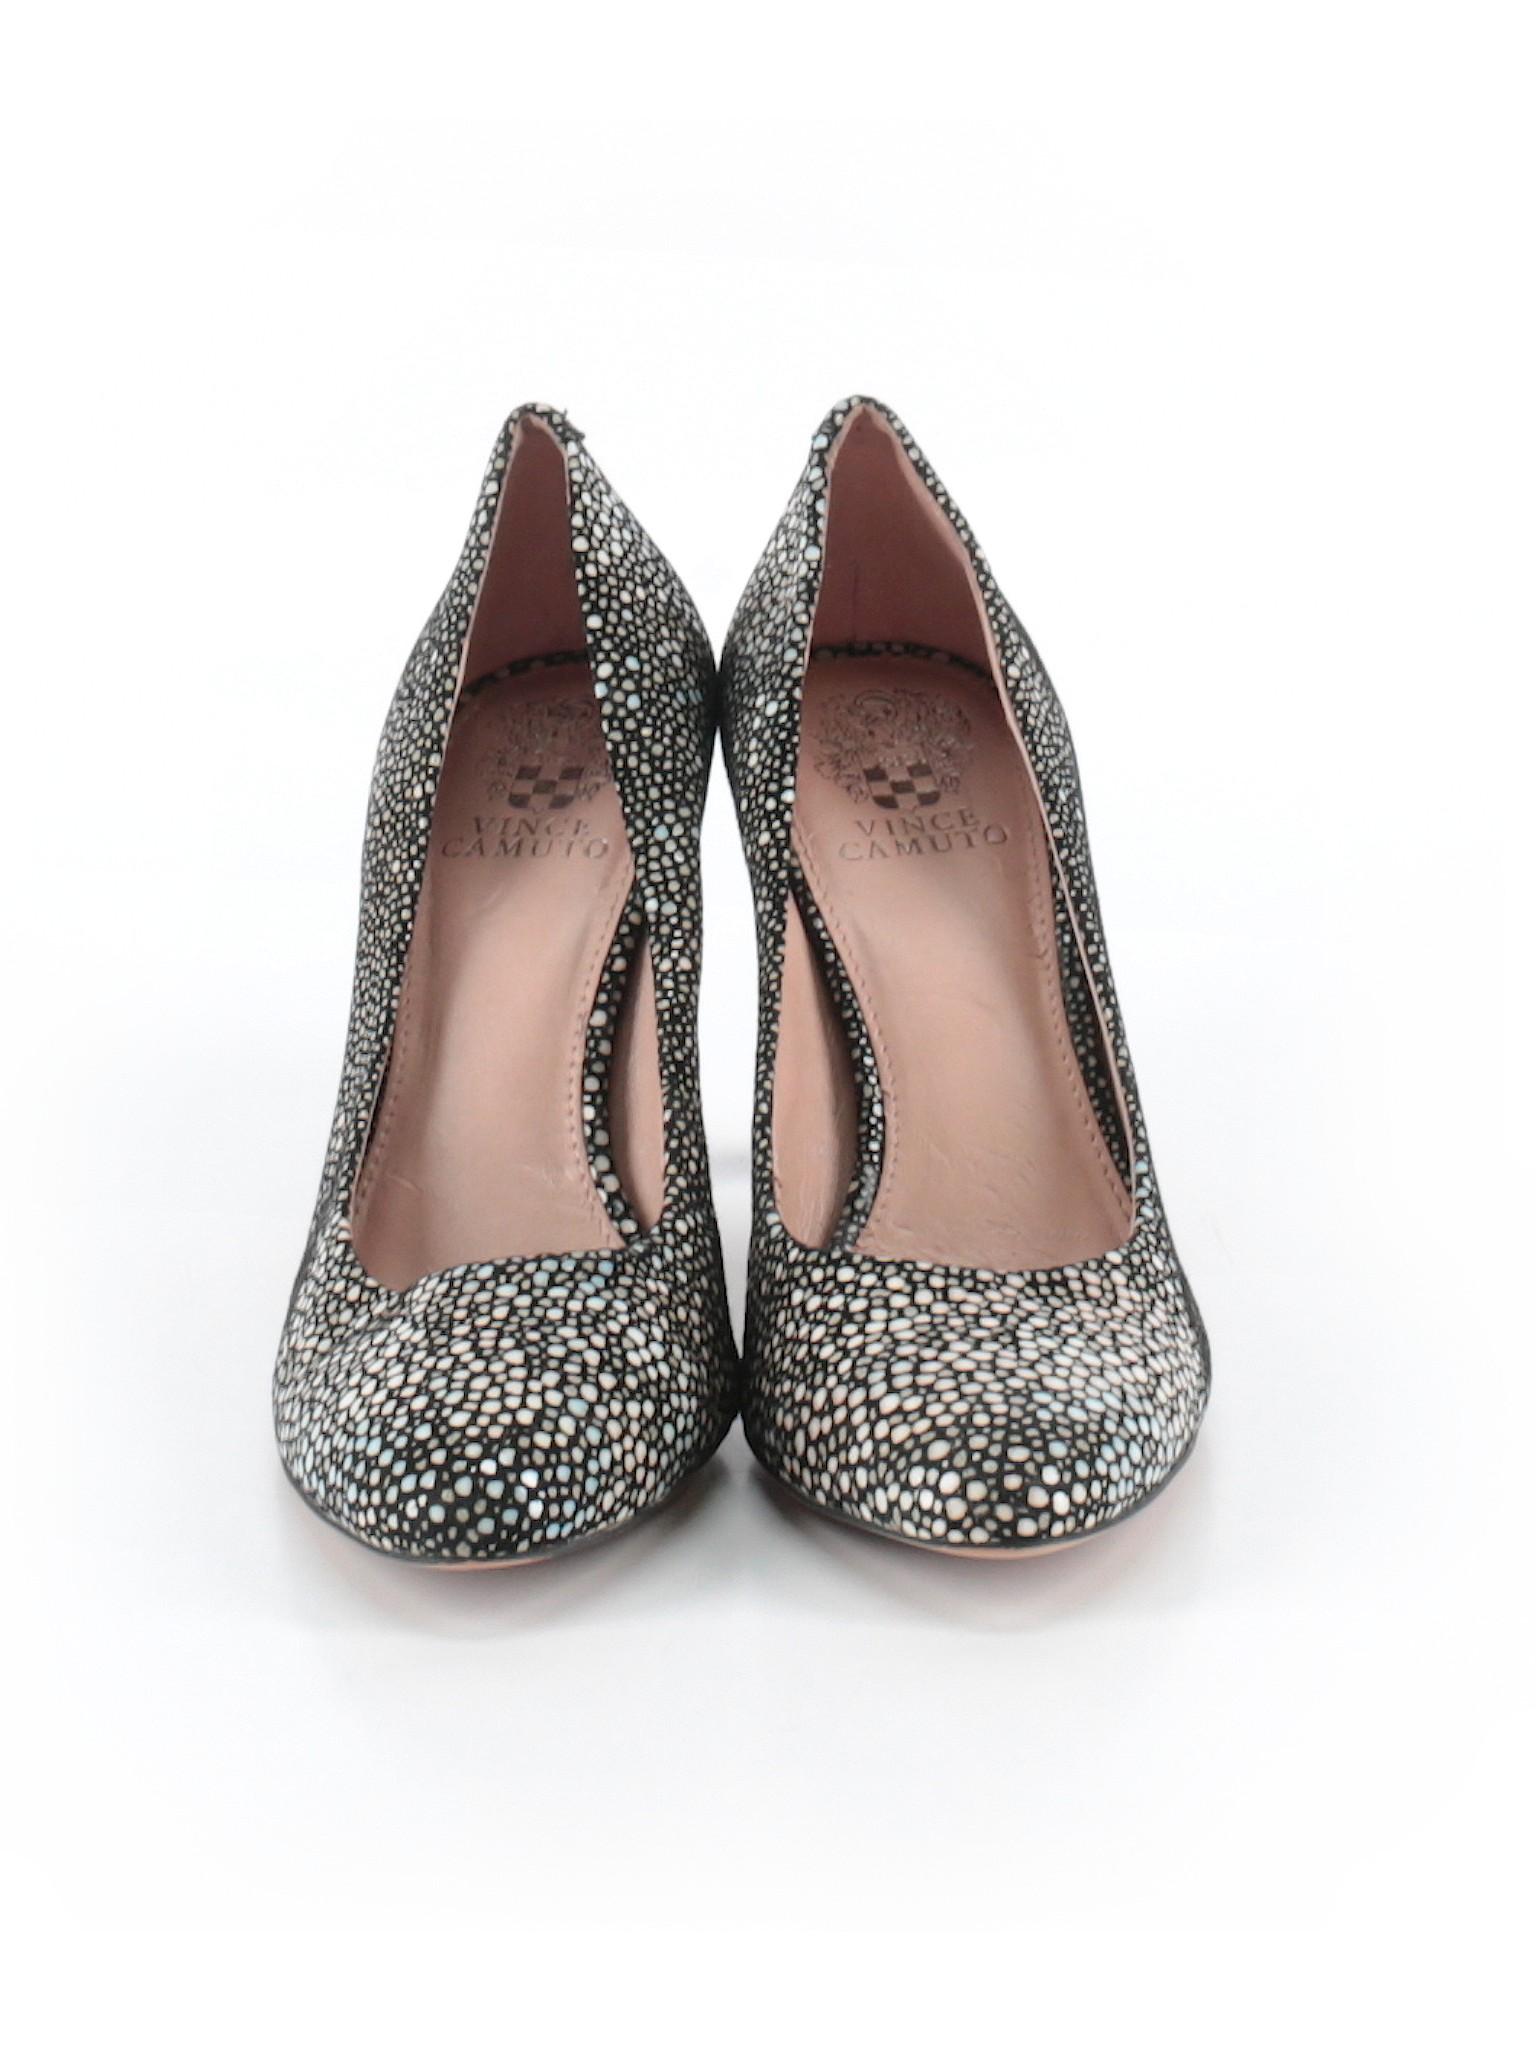 promotion Vince Boutique promotion Boutique Camuto Heels 0x78Rw